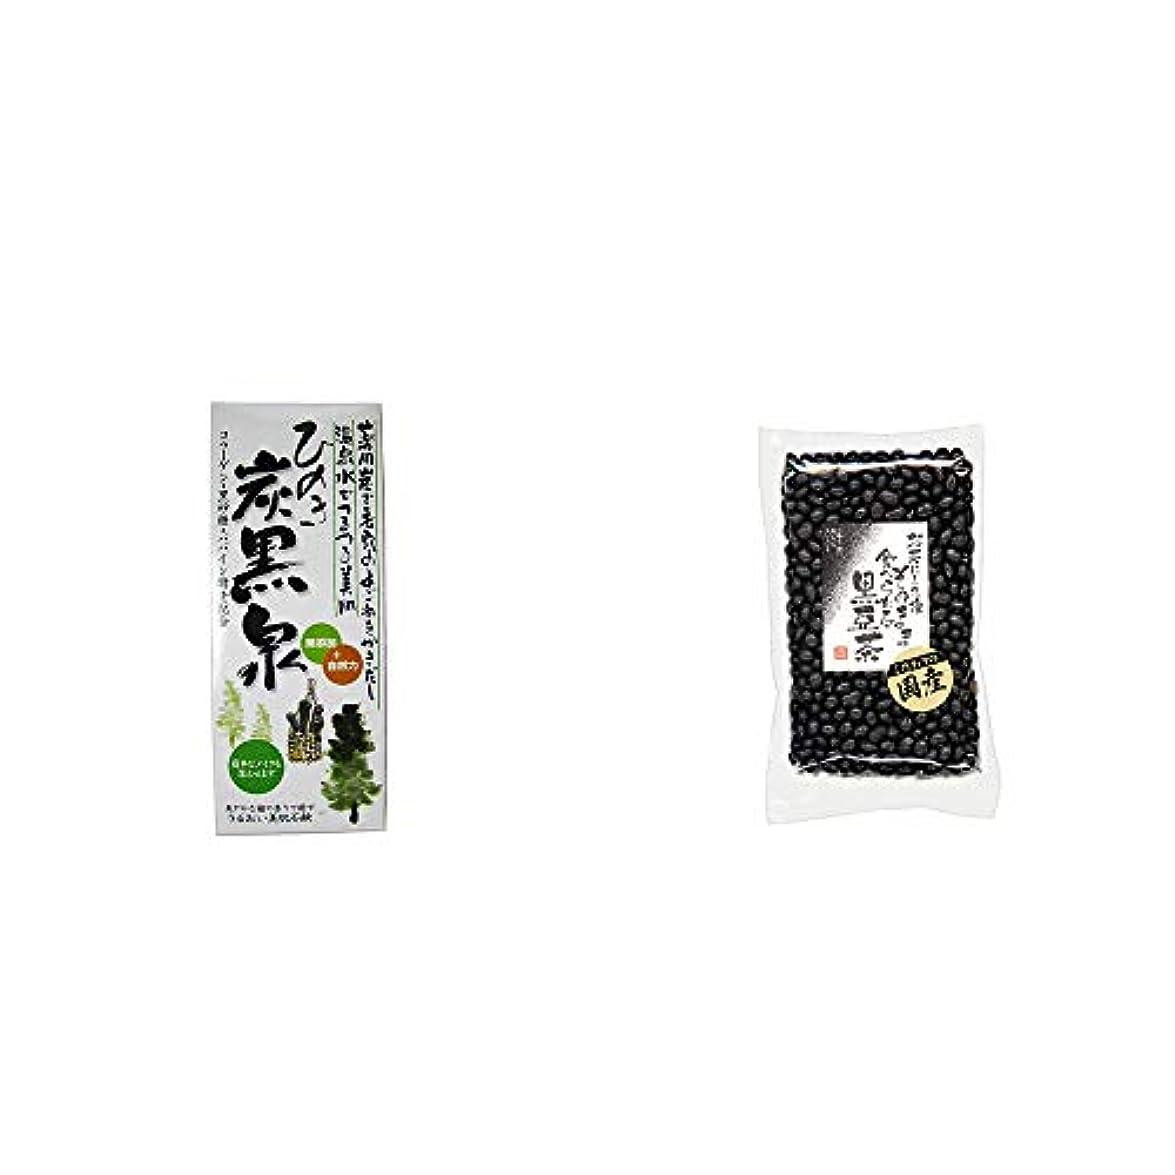 鎮痛剤袋交通渋滞[2点セット] ひのき炭黒泉 箱入り(75g×3)?国産 黒豆茶(200g)